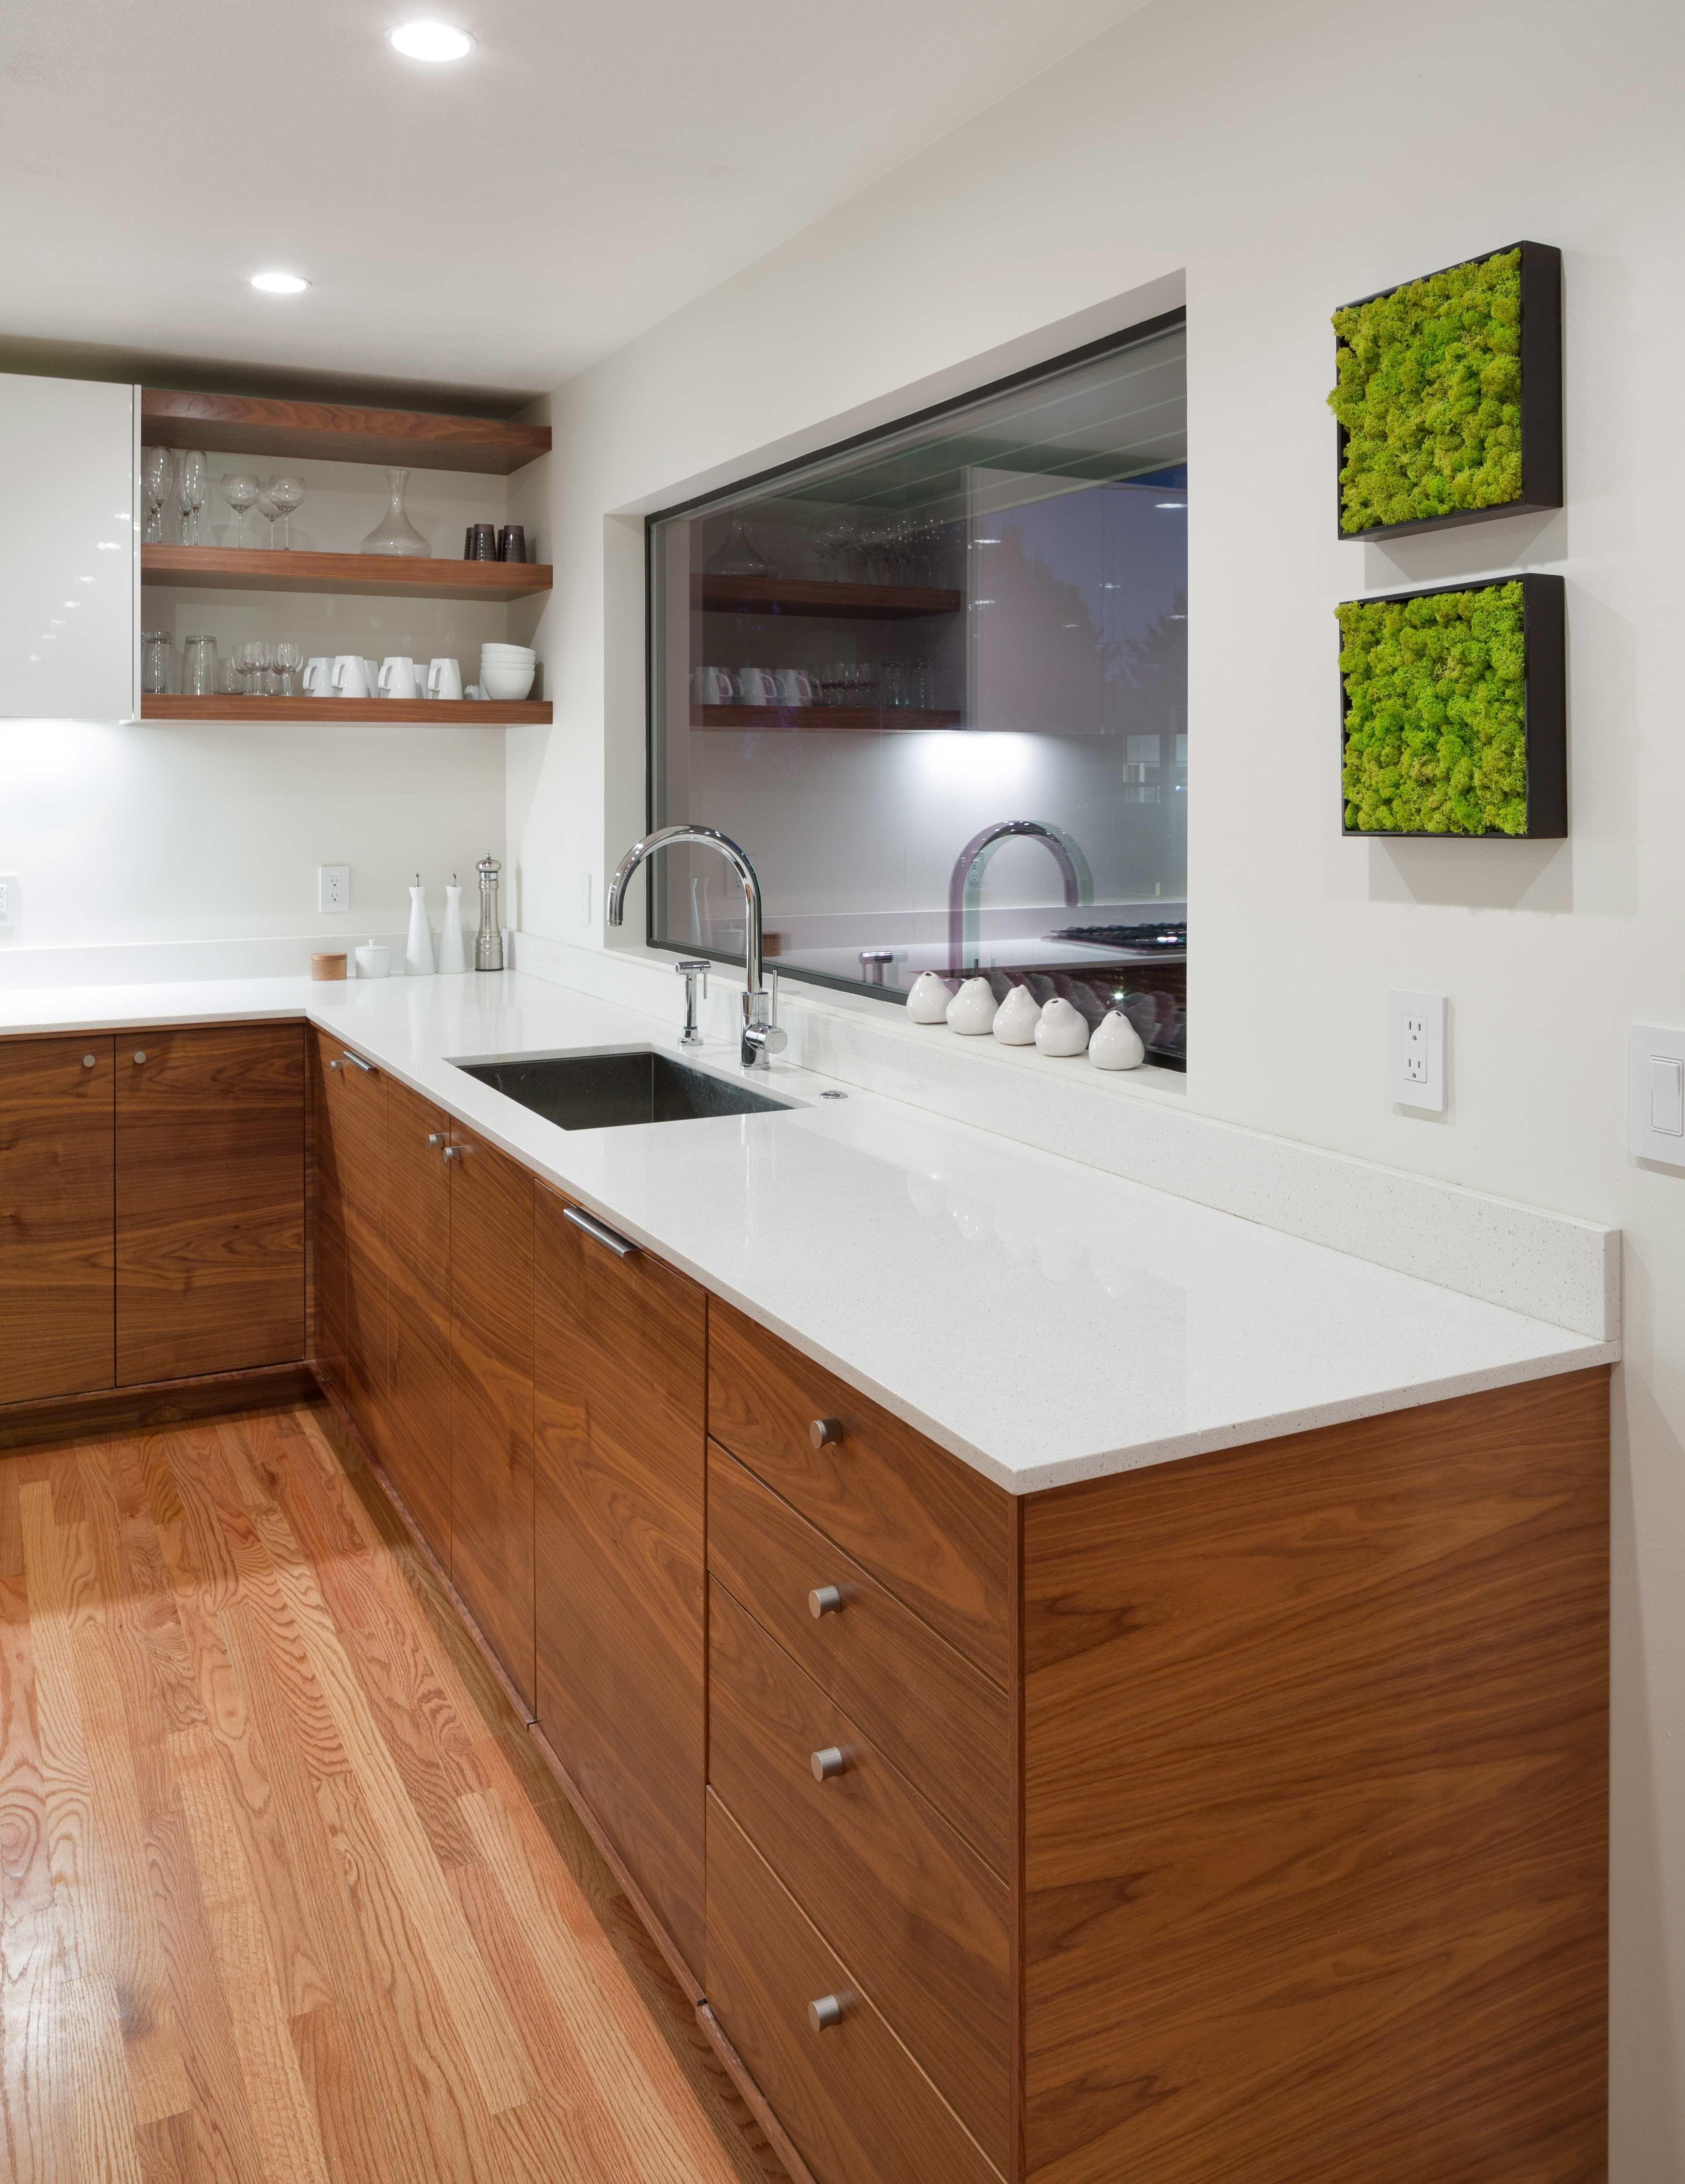 Modern Kitchen Design Build By Vanillawood Grain Matched Walnut